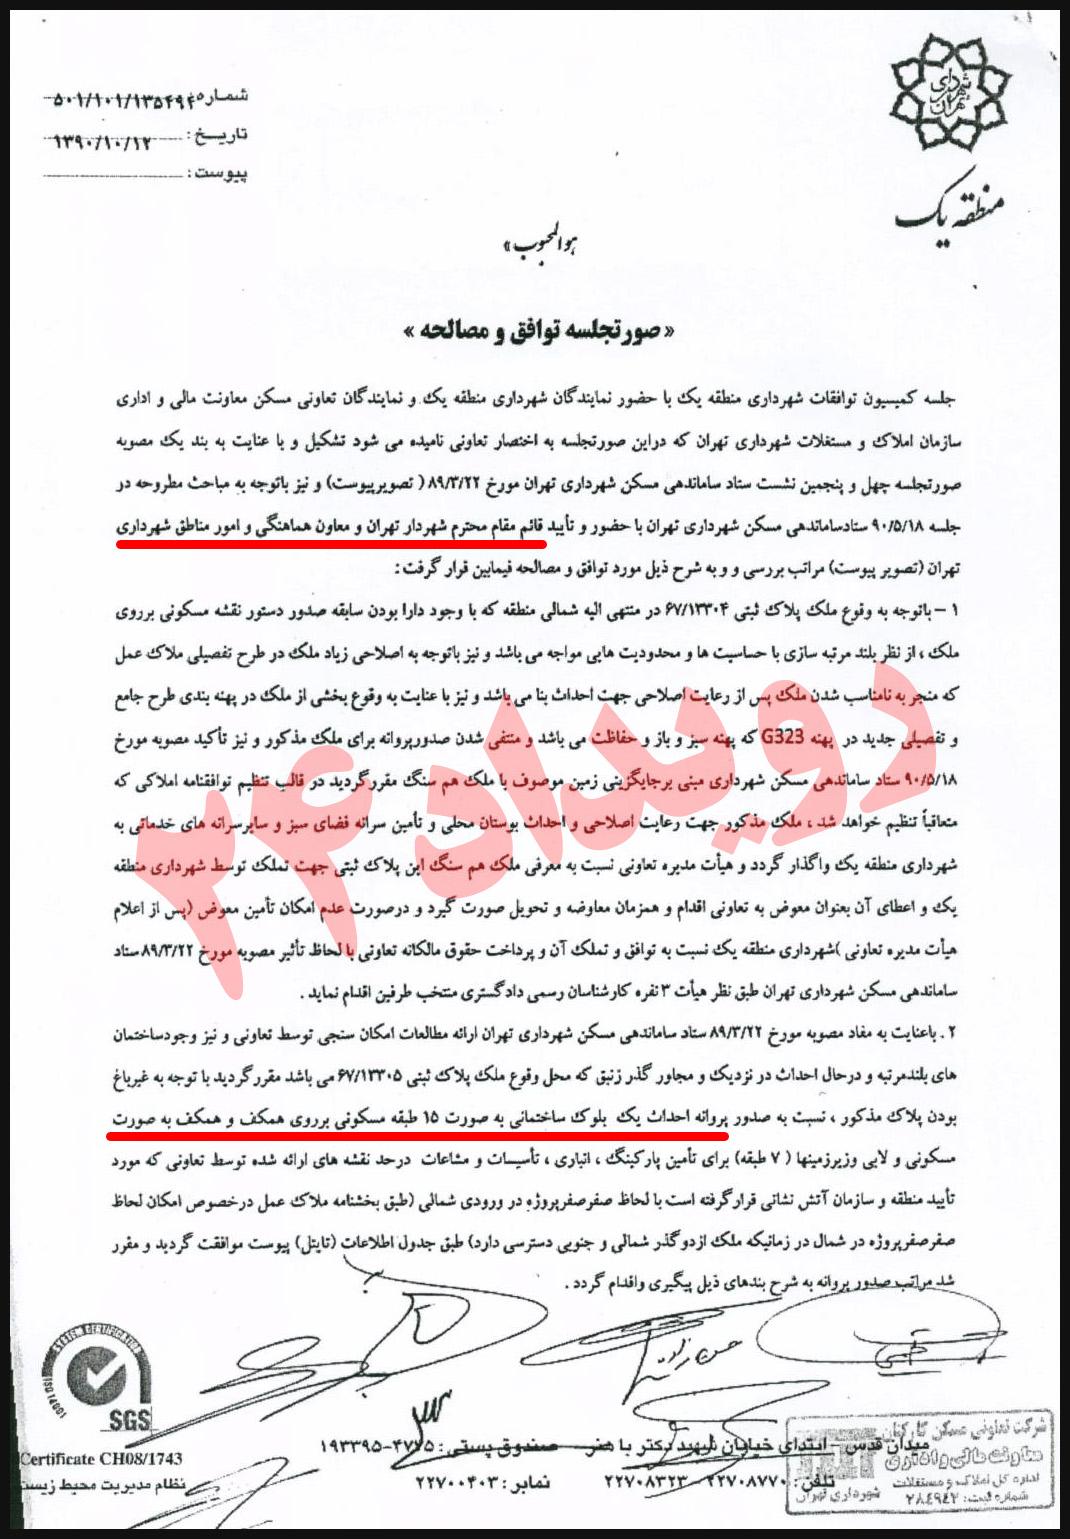 واگذاری ملک زنبق شهرداری تهران